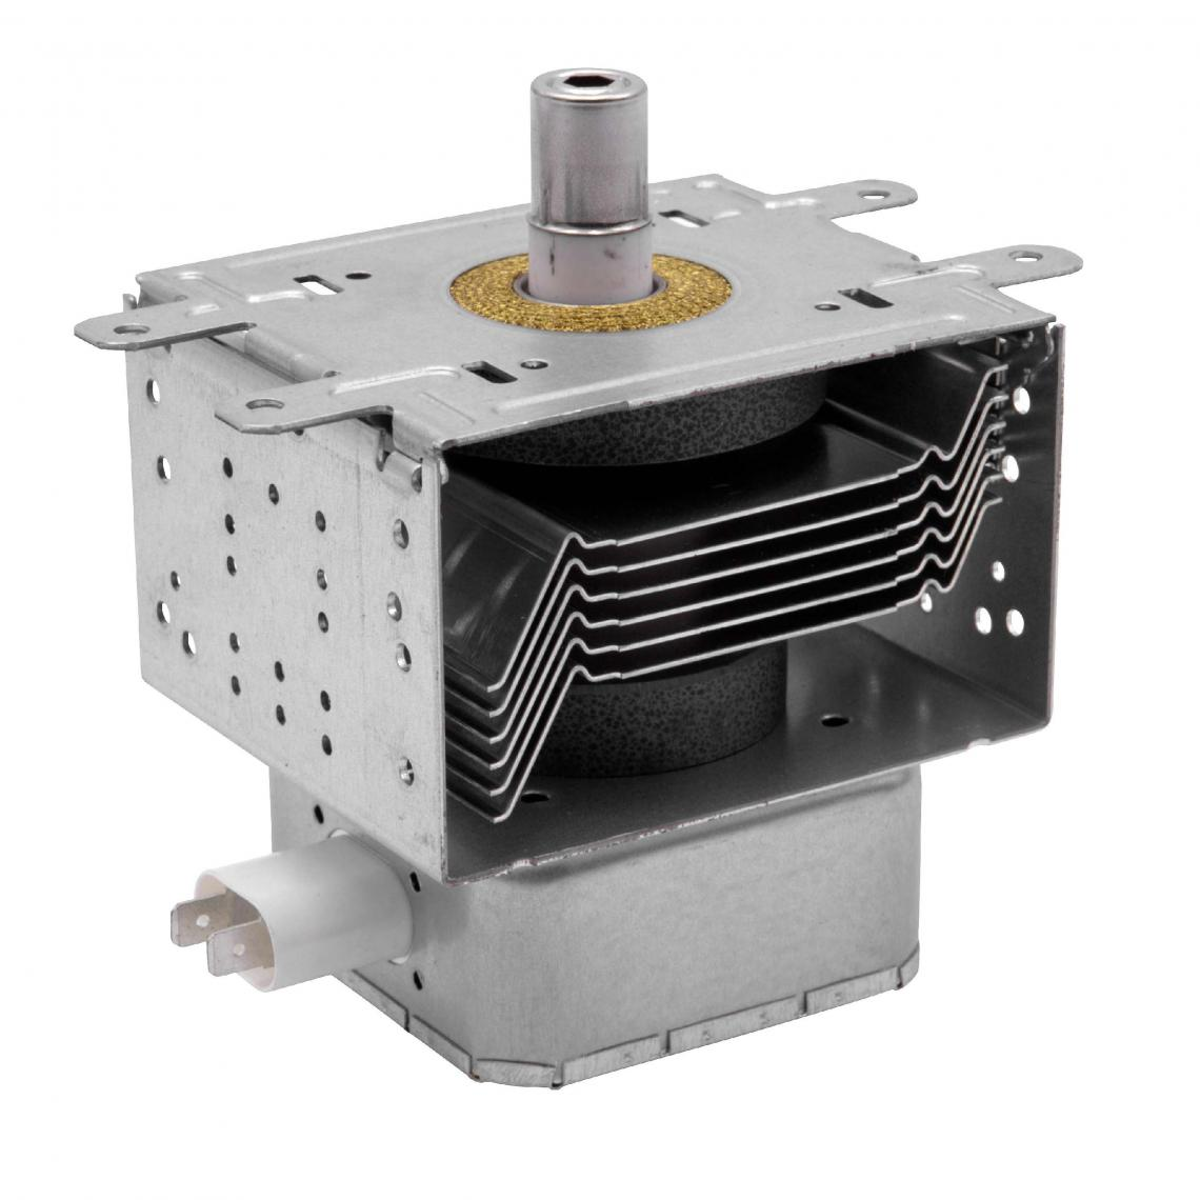 Vhbw vhbw Magnetron compatible avec Cce micro-ondes - pièces de rechange